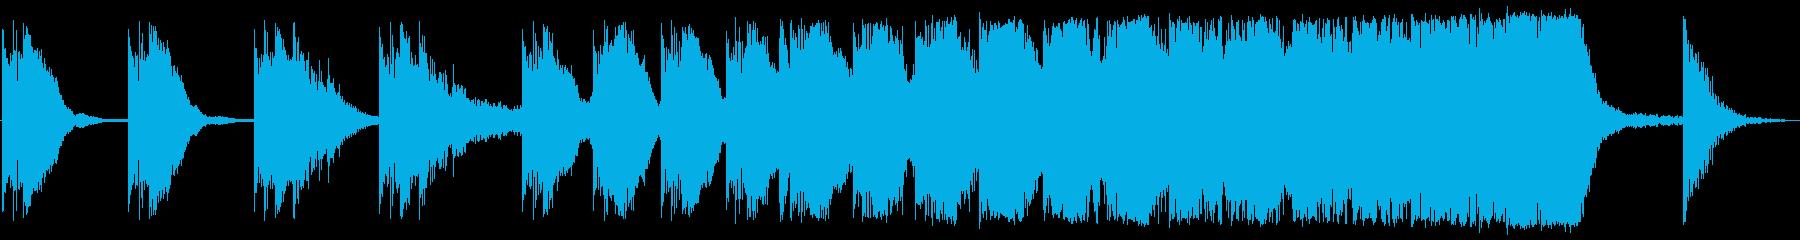 エレクトロ 交響曲 実験的な バト...の再生済みの波形